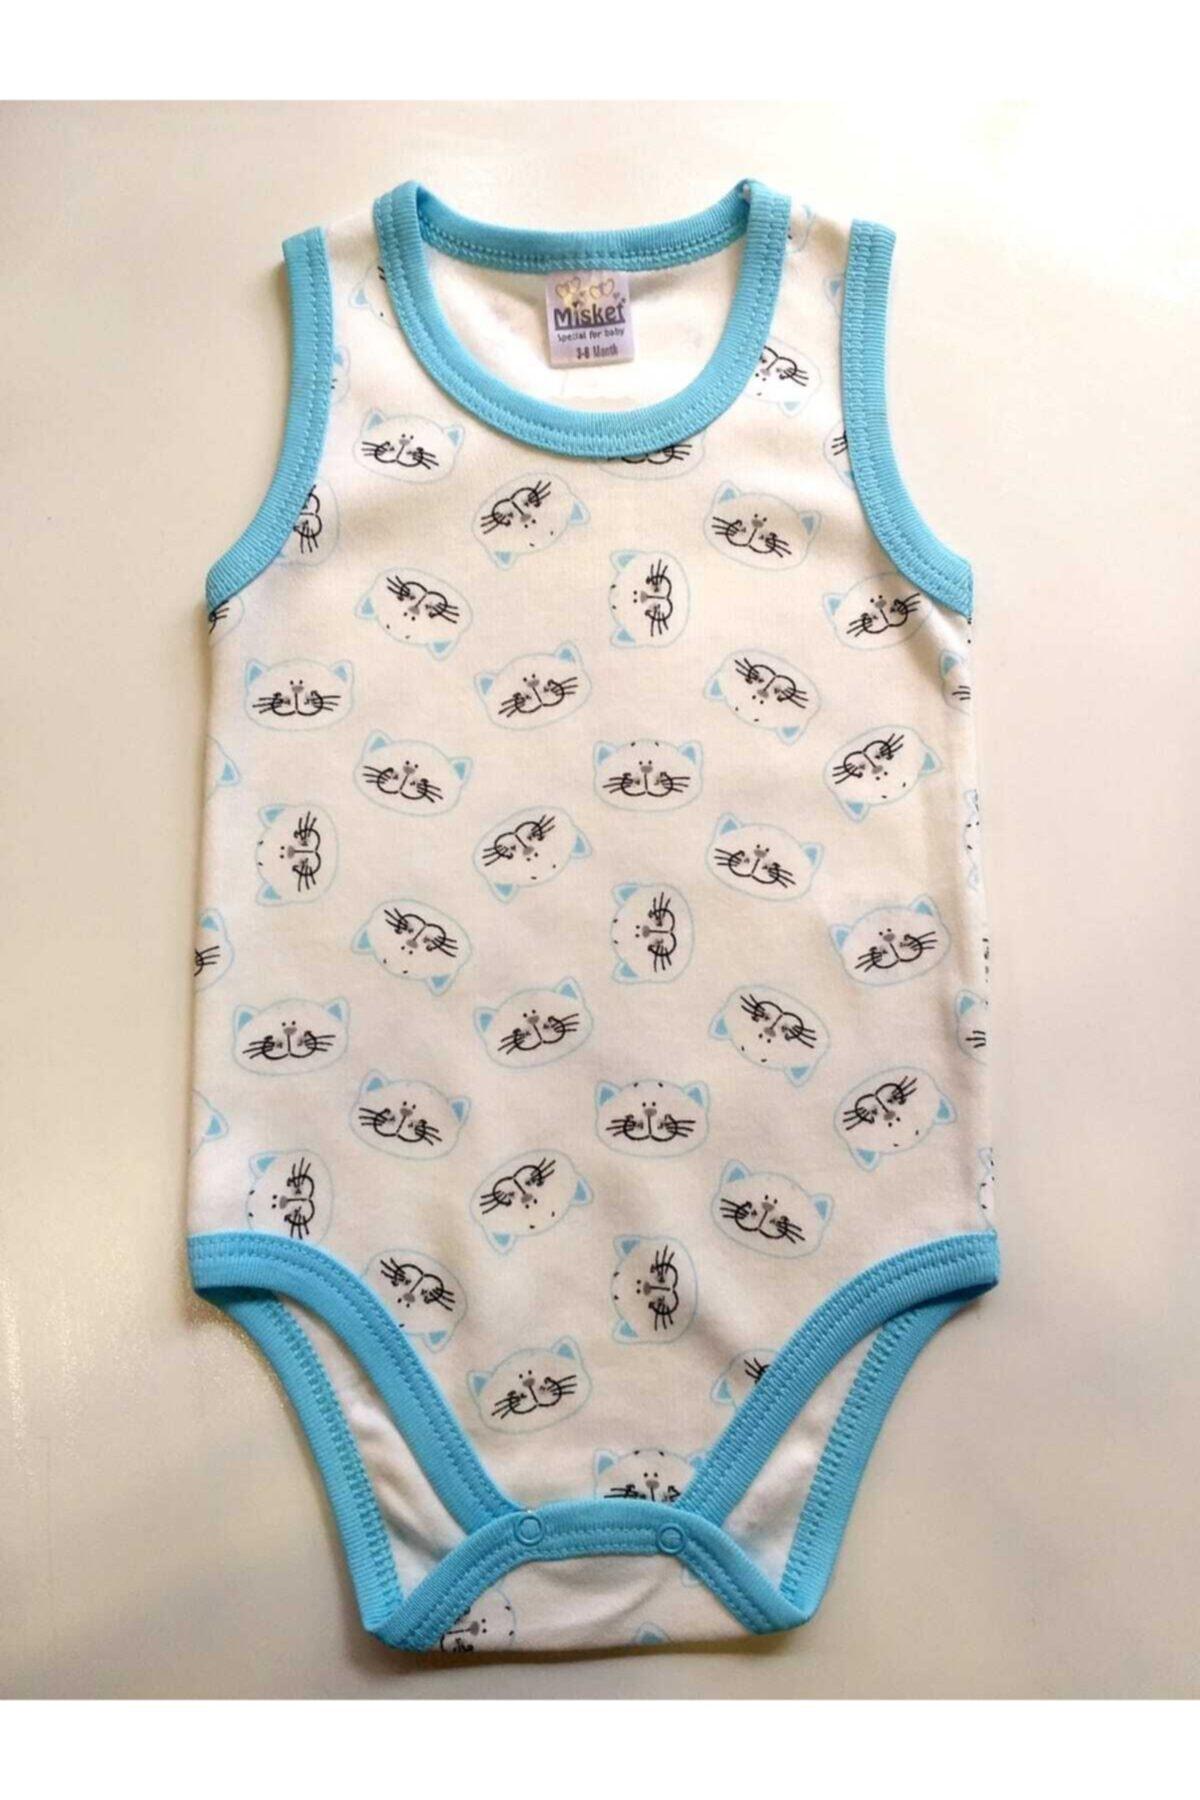 Misket Erkek Bebek 2'li Baby Alttan Çıtçıtlı Zıbın Bady 2